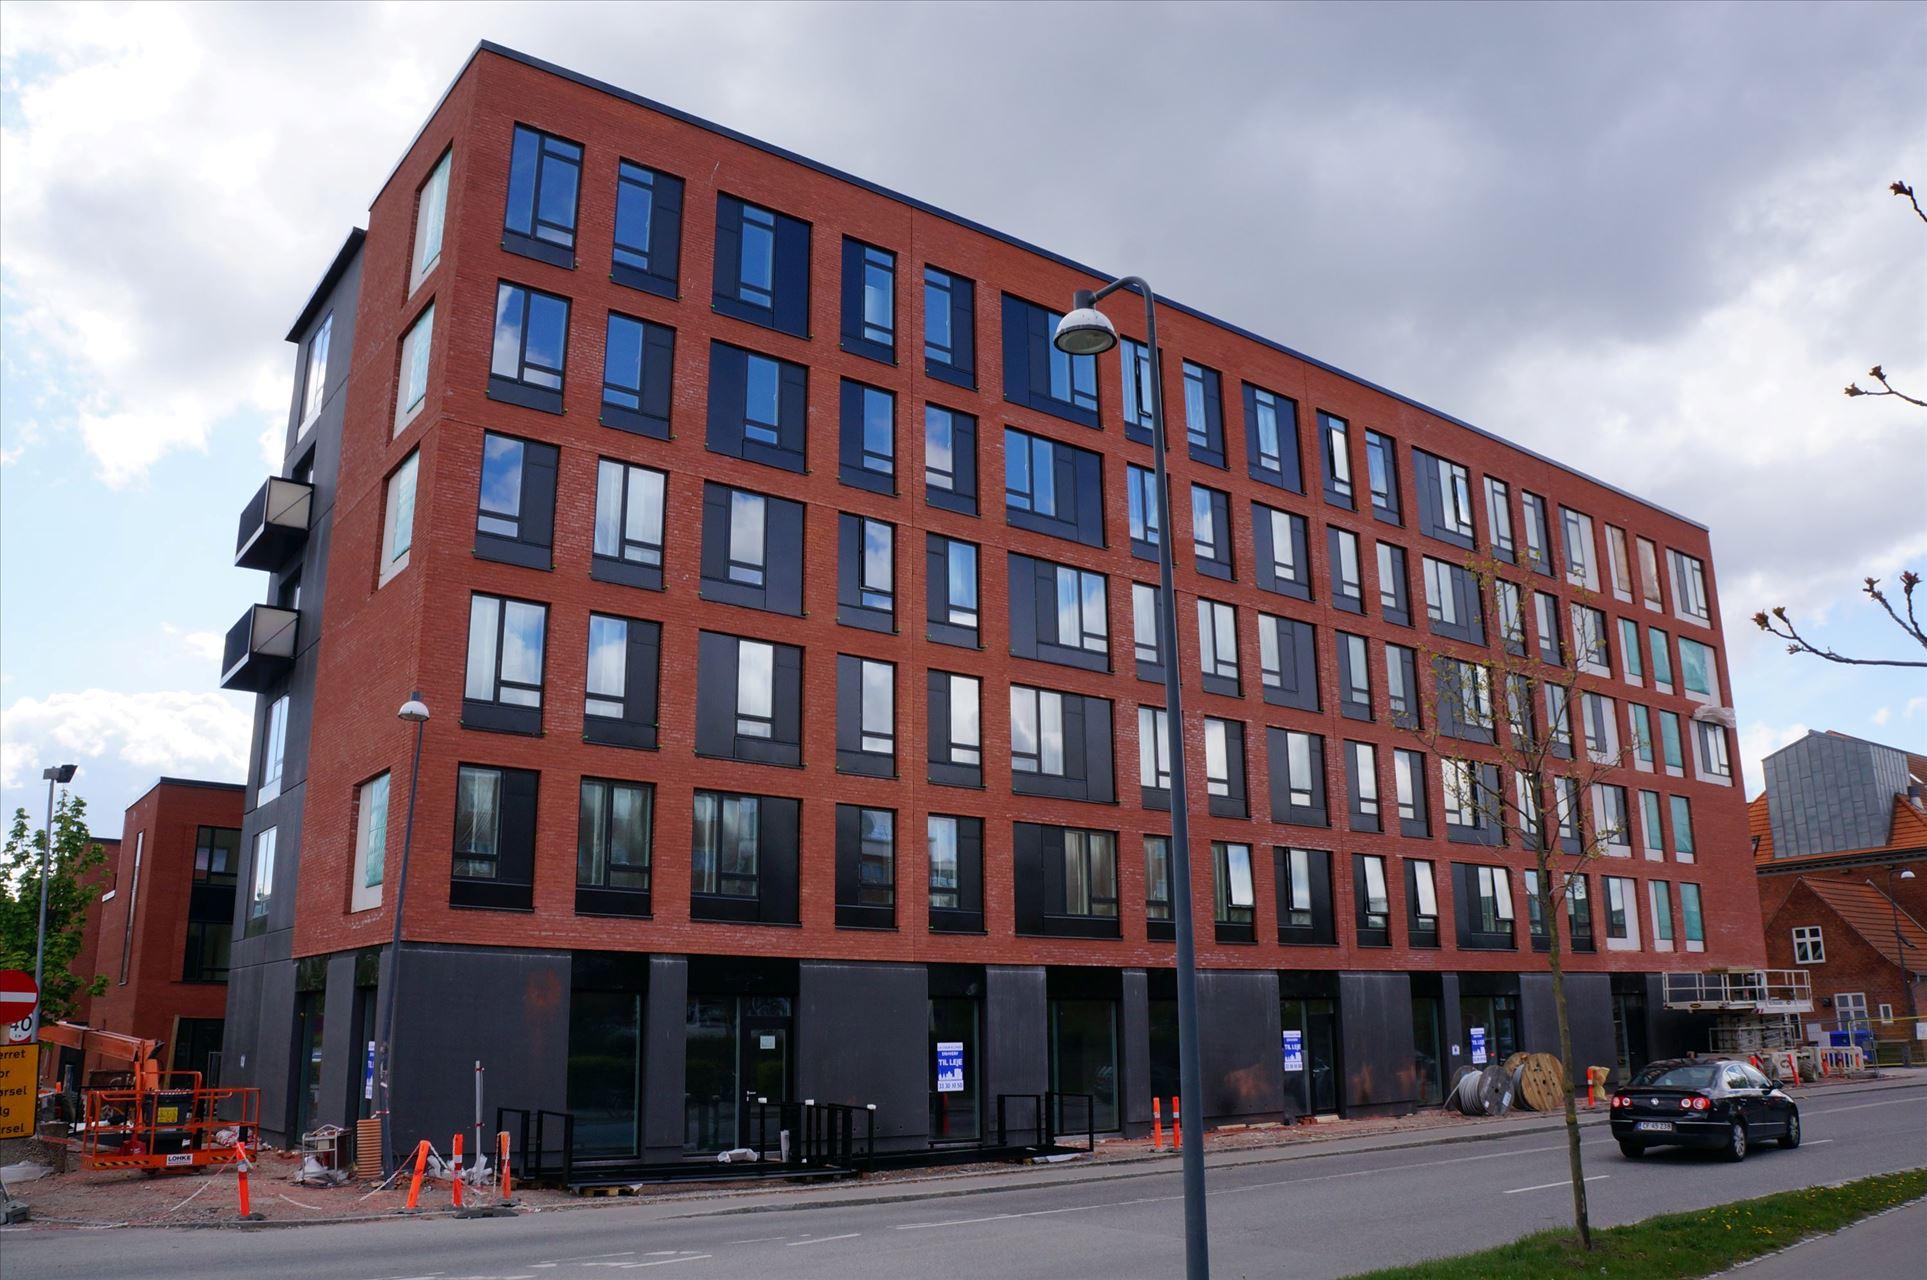 189 m² butik/kontor/klinik – Teglholmen